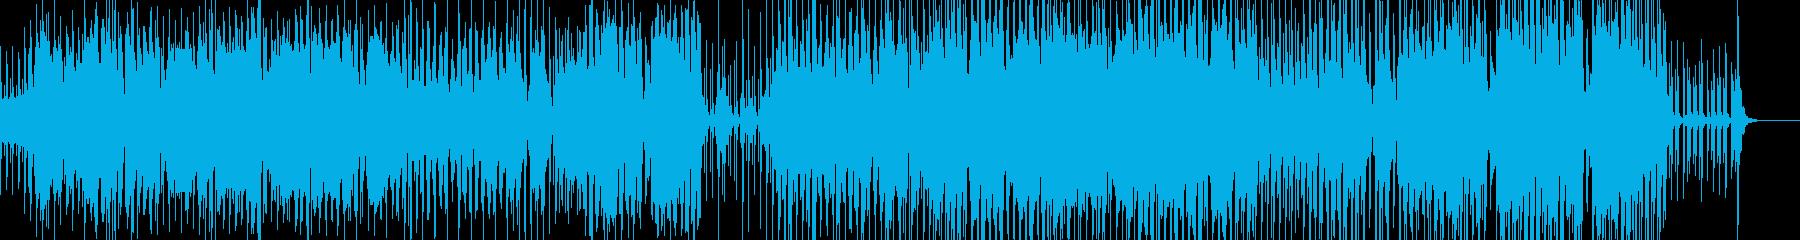 お祭り気分・昭和歌謡曲風ポップ Sの再生済みの波形